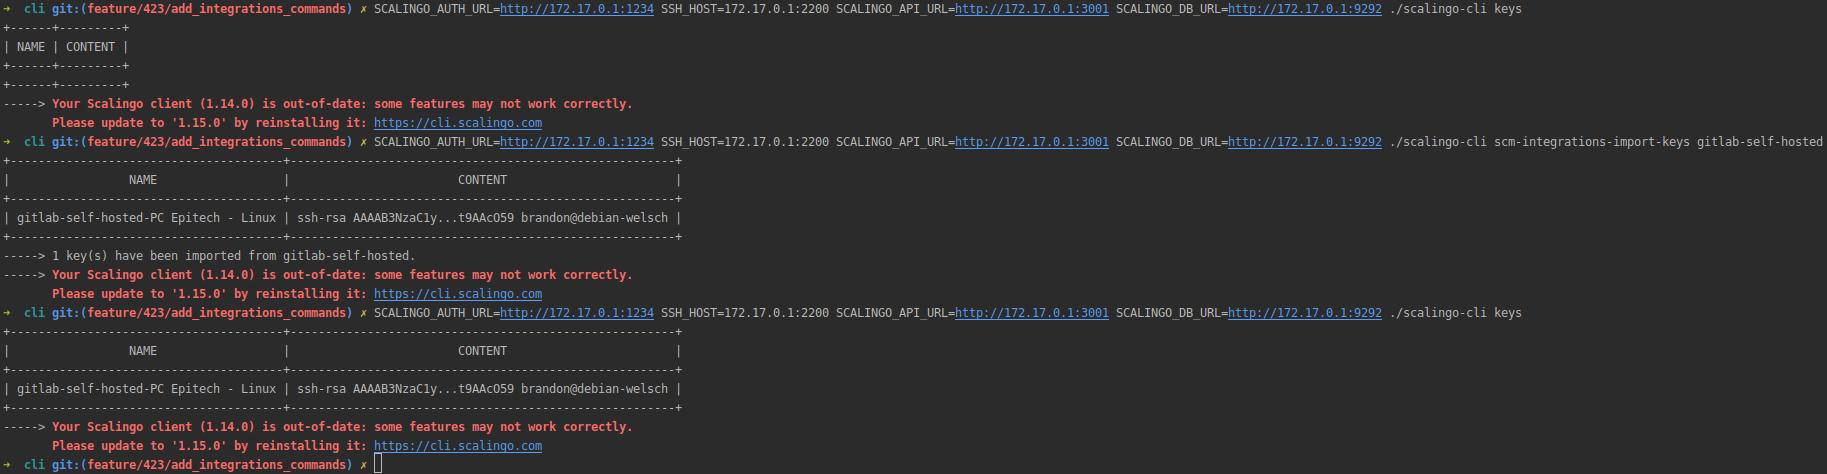 import ssh keys from scm integration